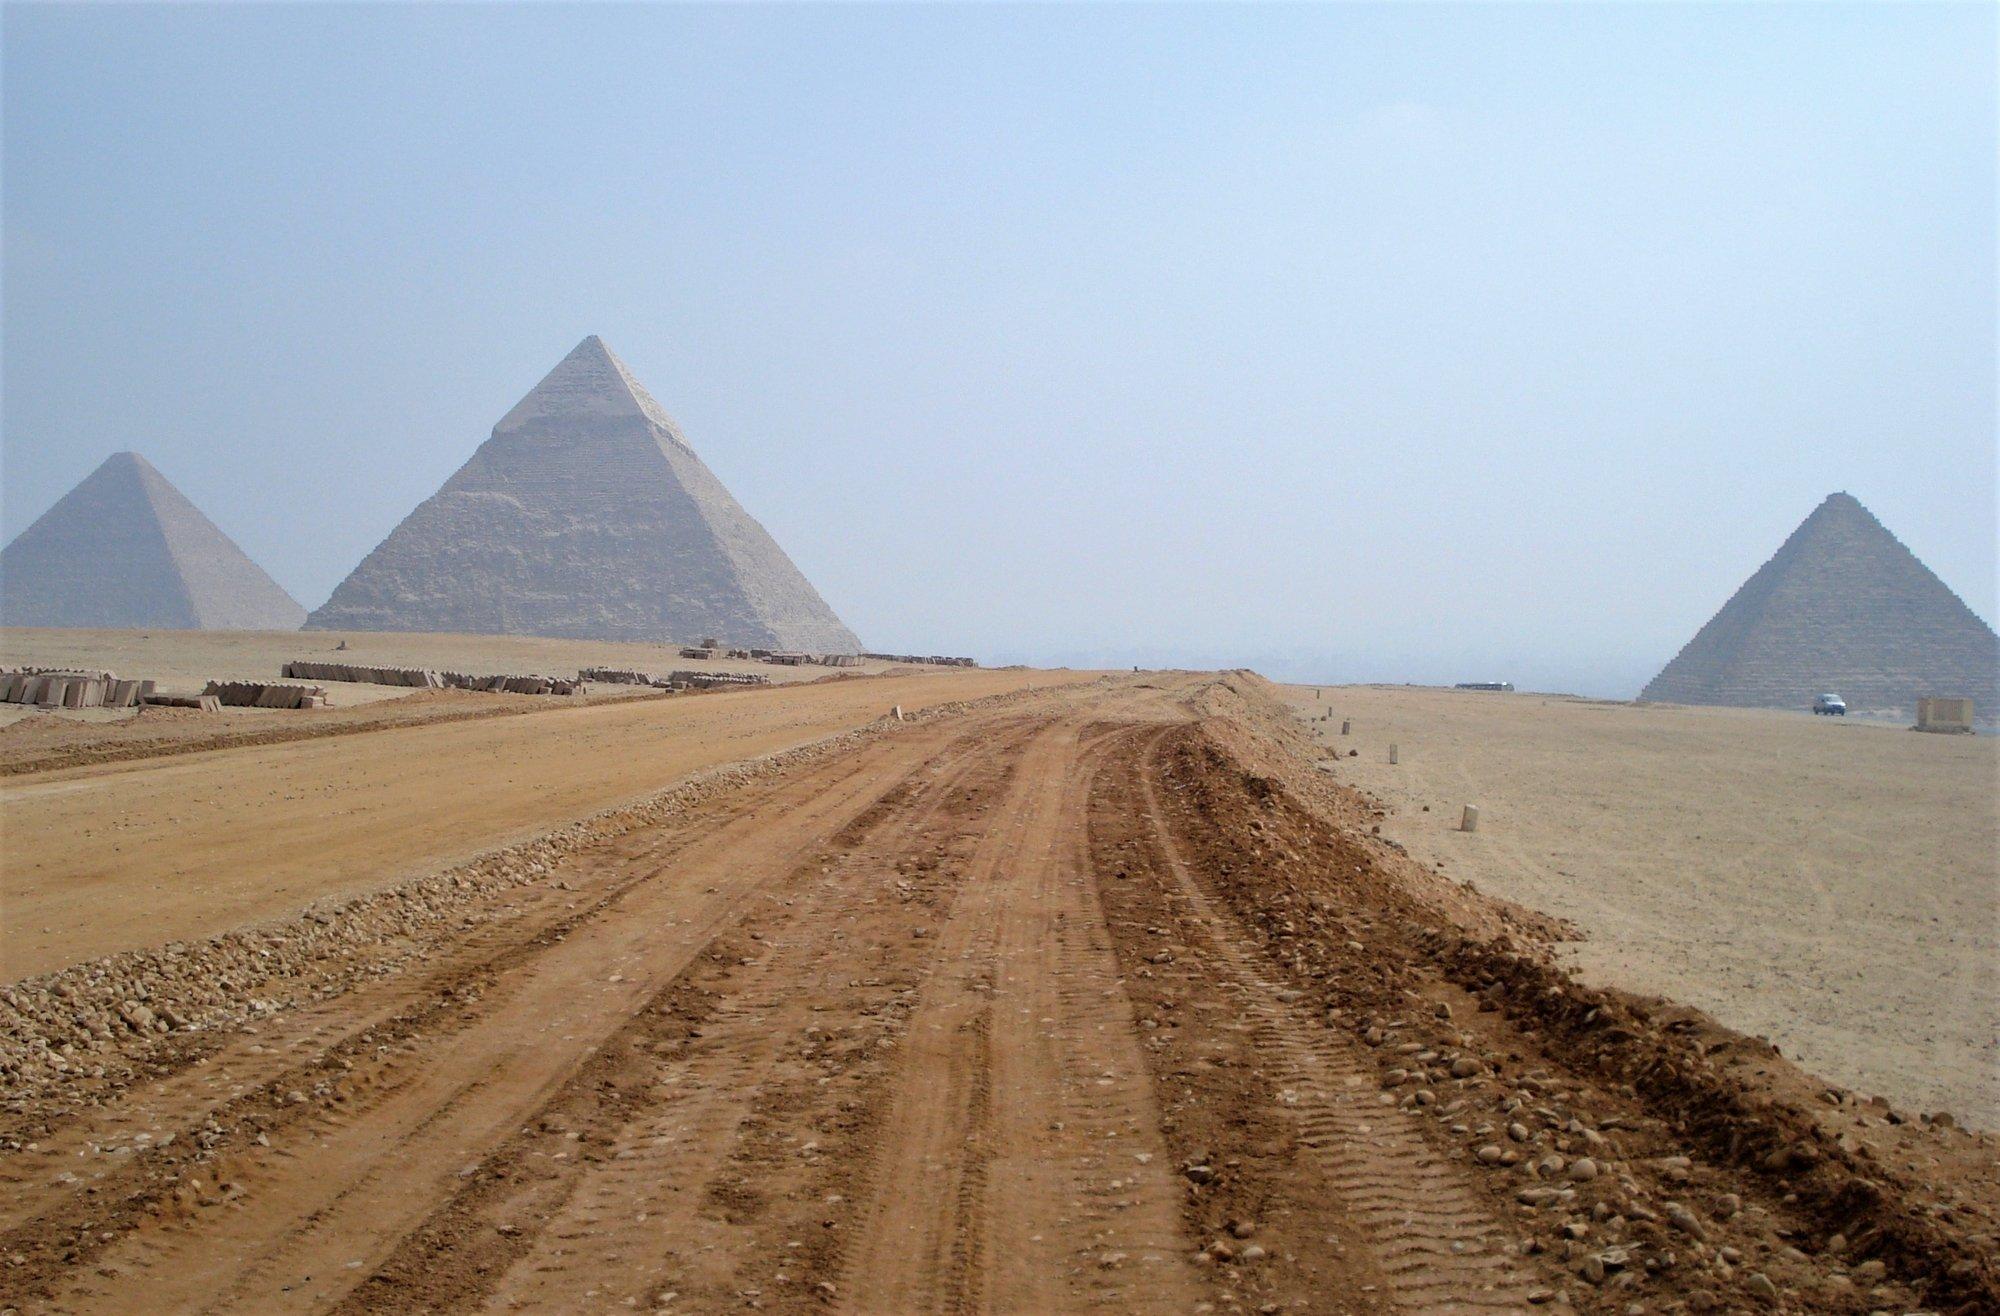 3 pyramids of Egypt at Giza